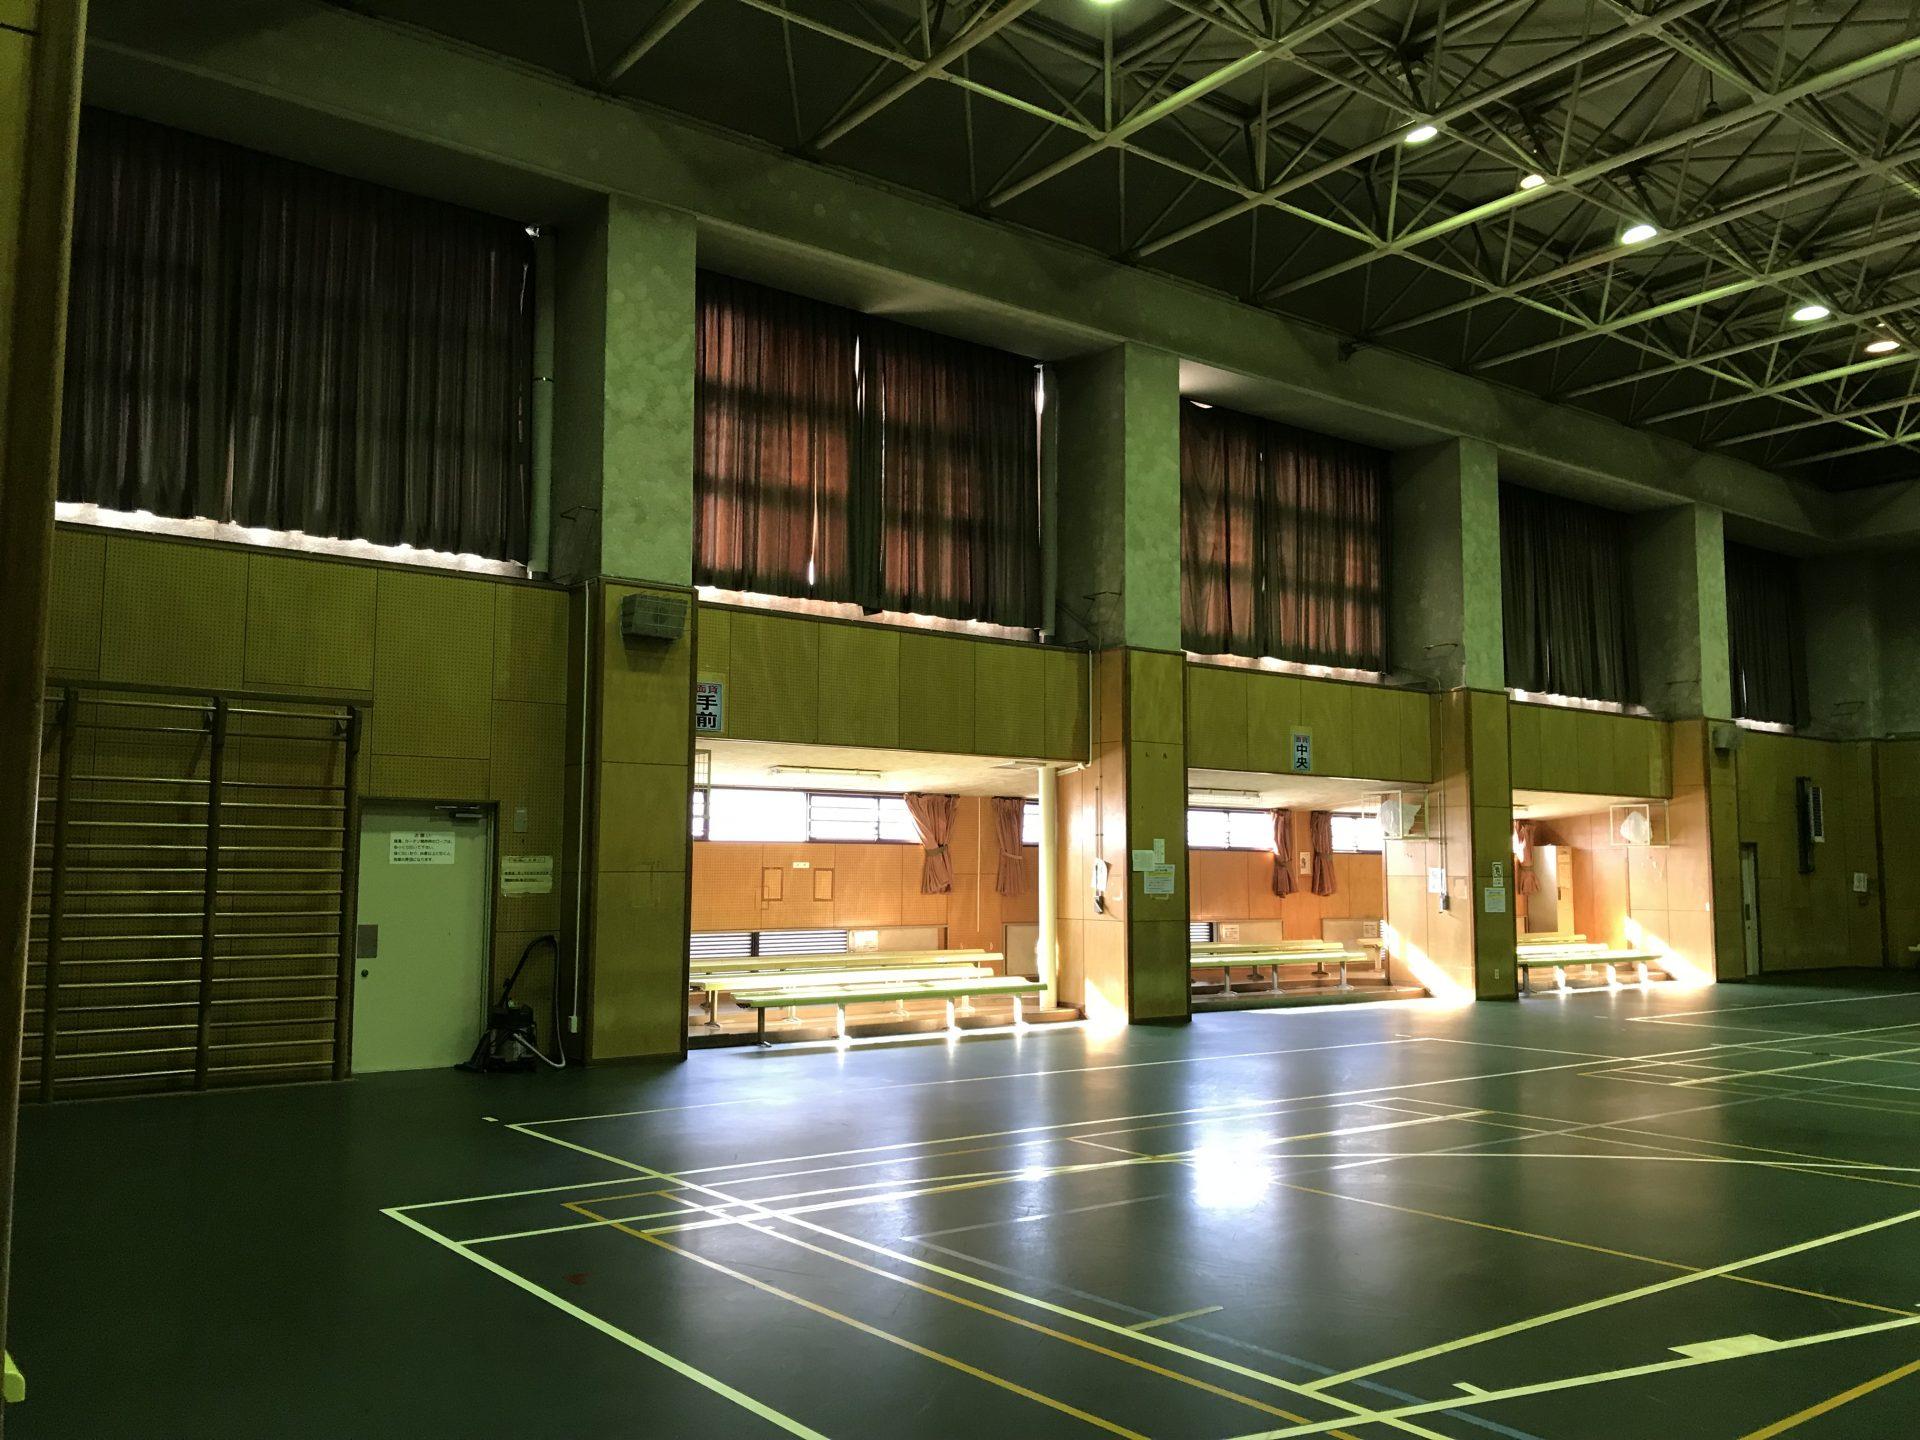 体育館のカーテン劣化